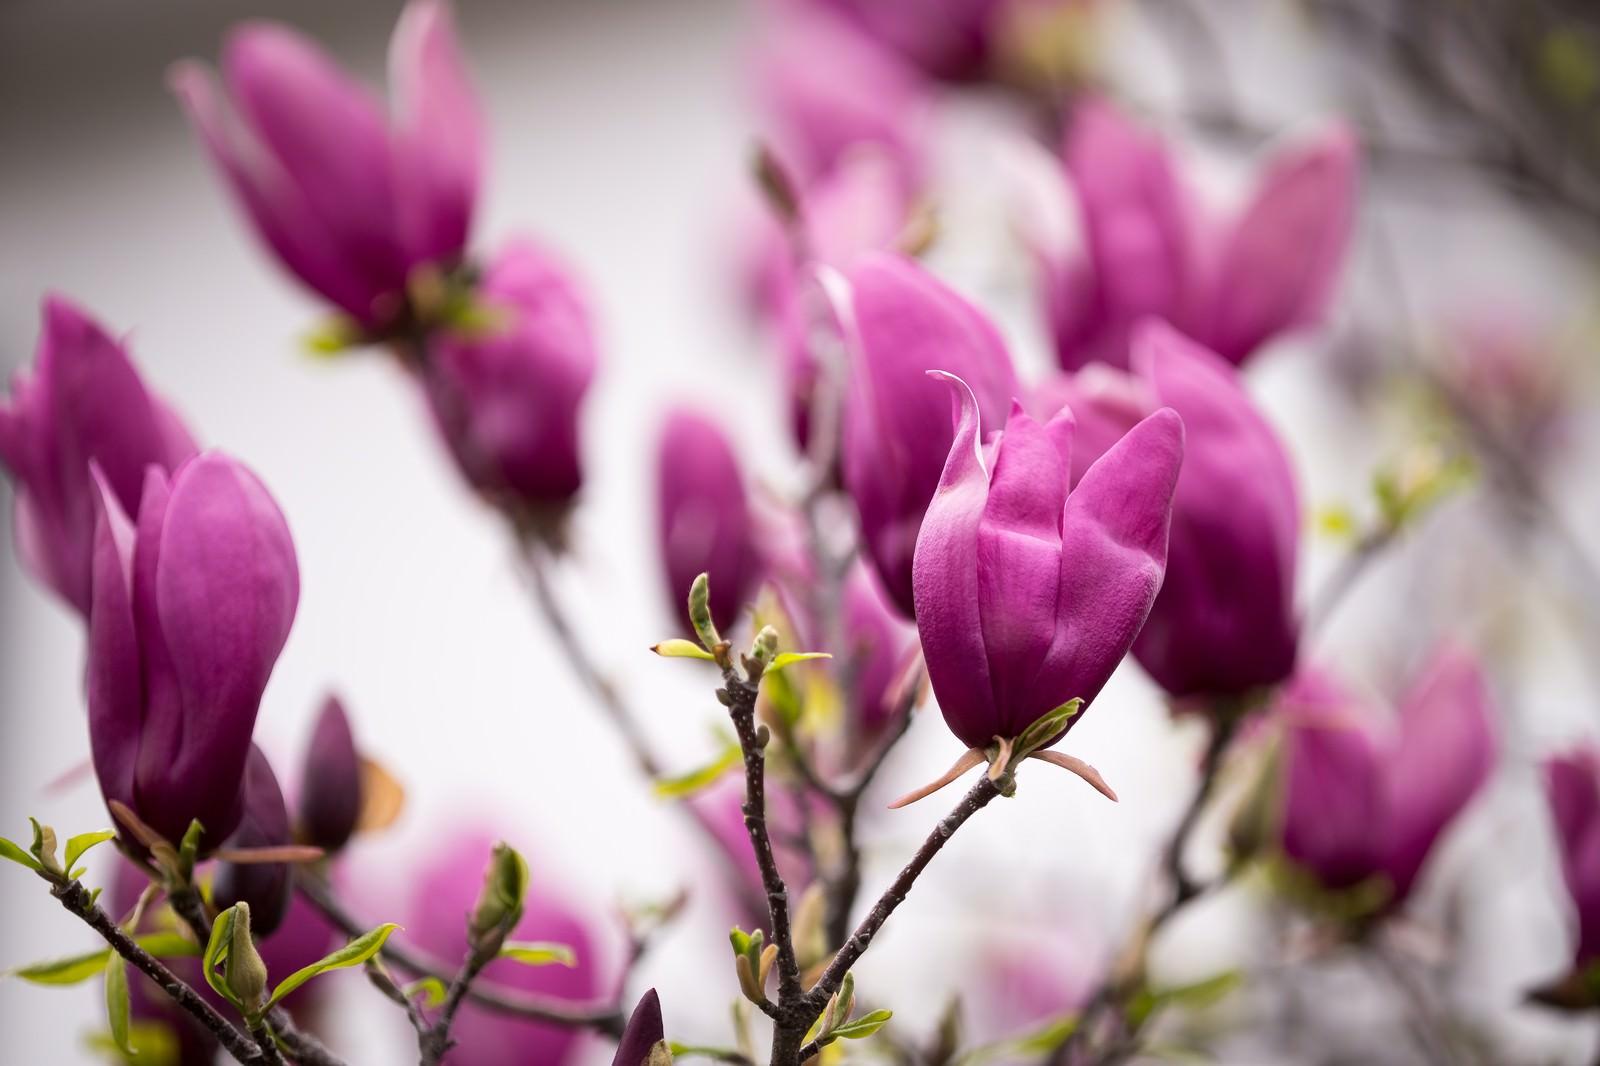 「木蓮の花 | 写真の無料素材・フリー素材 - ぱくたそ」の写真